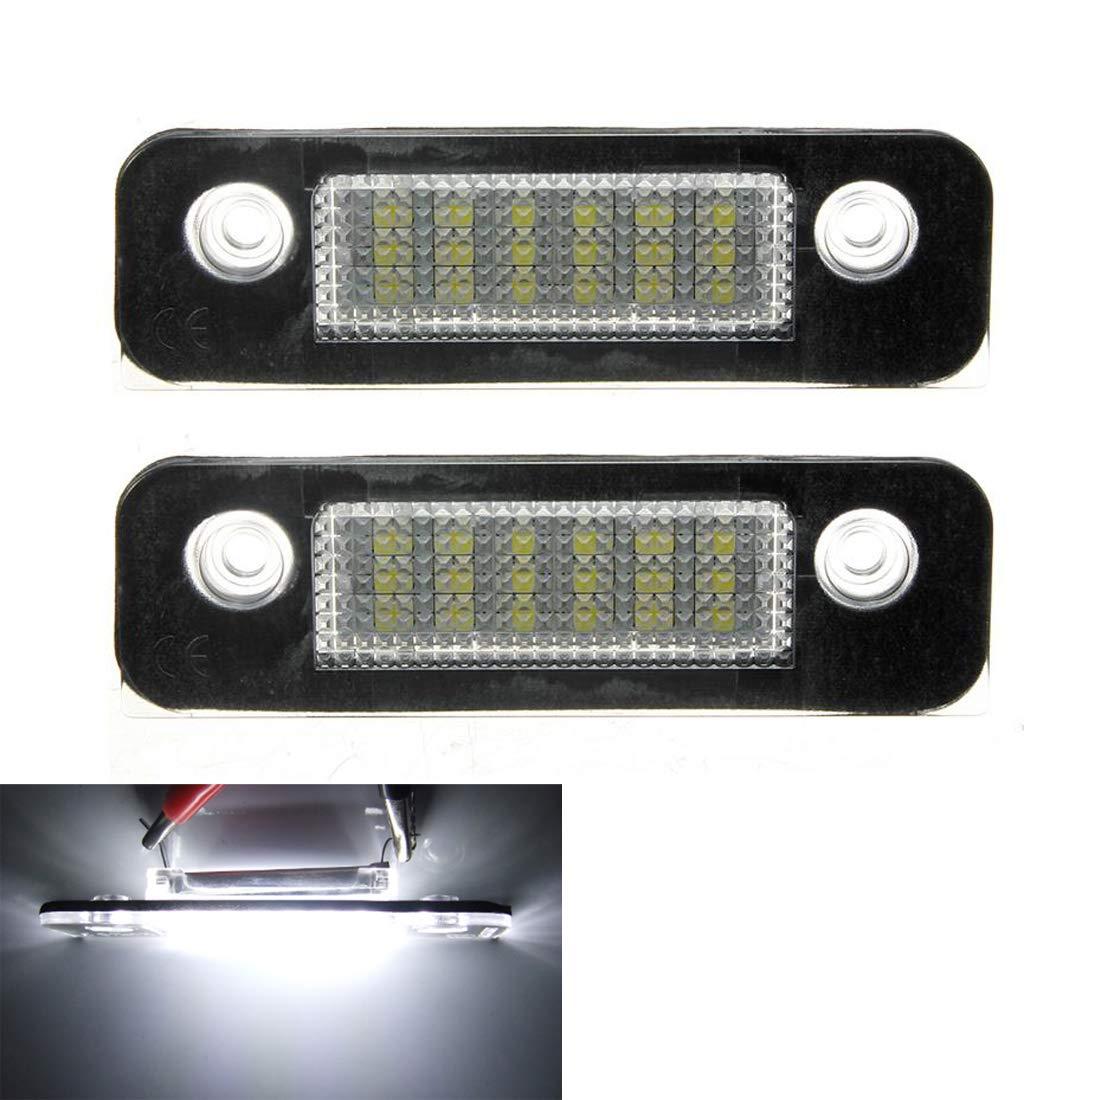 Canbus sans Erreur Blanc 6000K 18SMD LED Lumi/ère pour F-ord Mondeo//MK2 for Fiesta MK5 VIGORFLYRUN PARTS LTD 2Pcs LED Lumi/ère de Plaque dimmatriculation